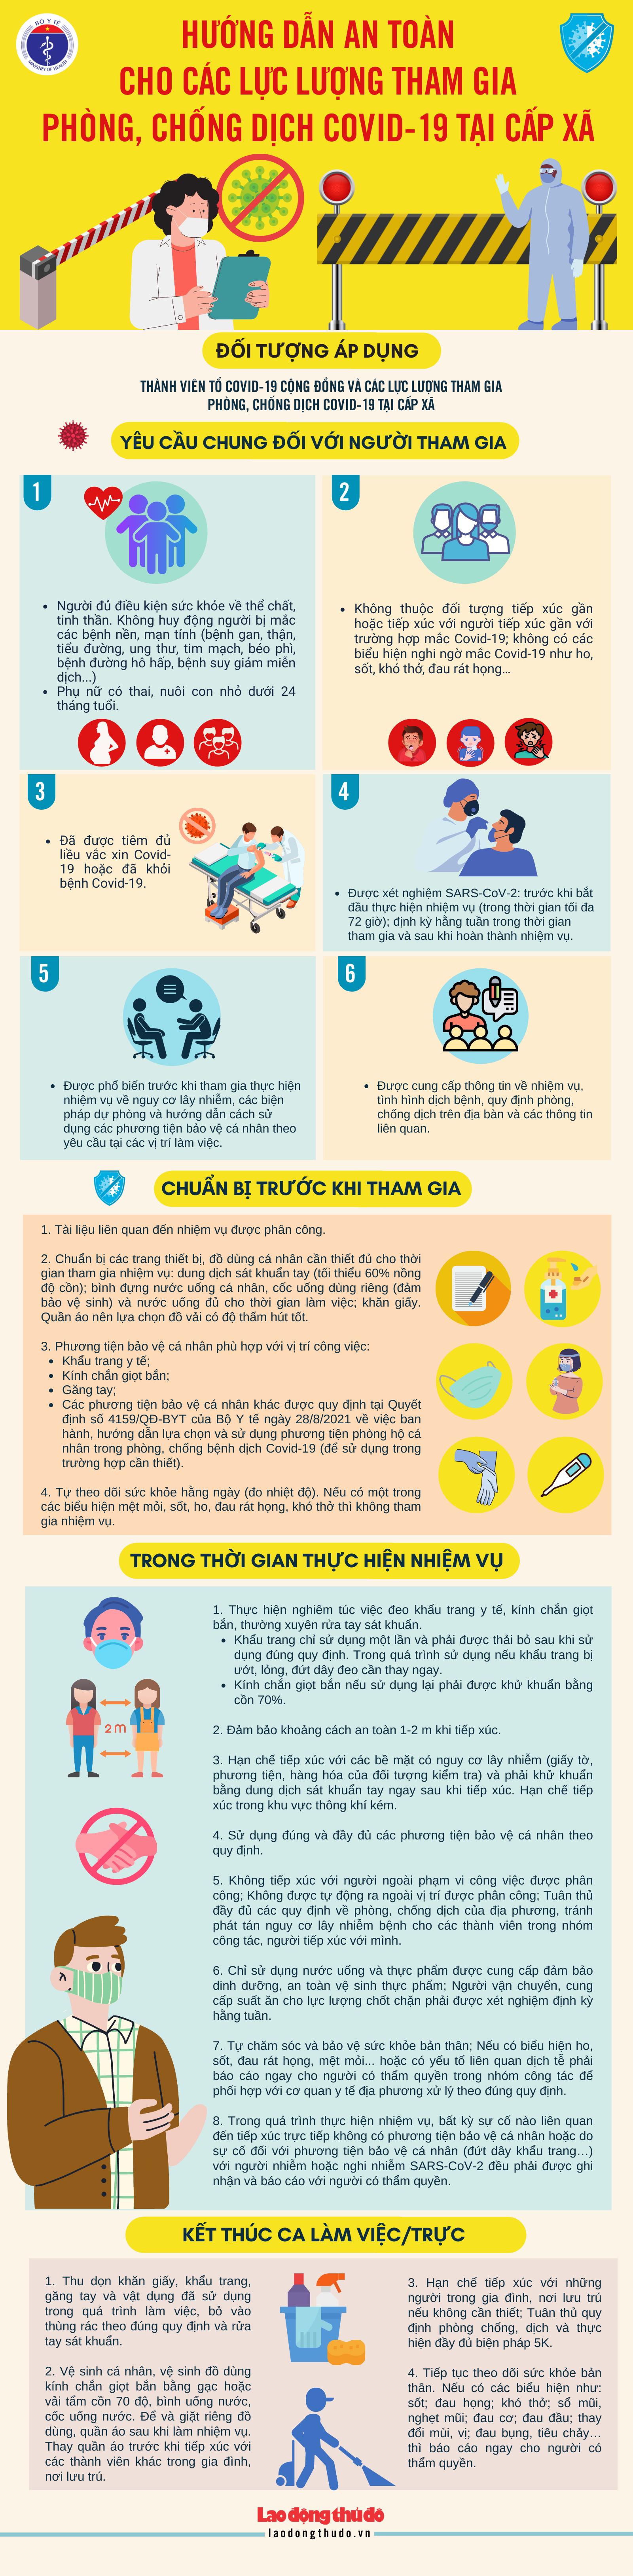 [Infographic] Hướng dẫn an toàn cho các lực lượng tham gia phòng, chống dịch Covid-19 tại cấp xã